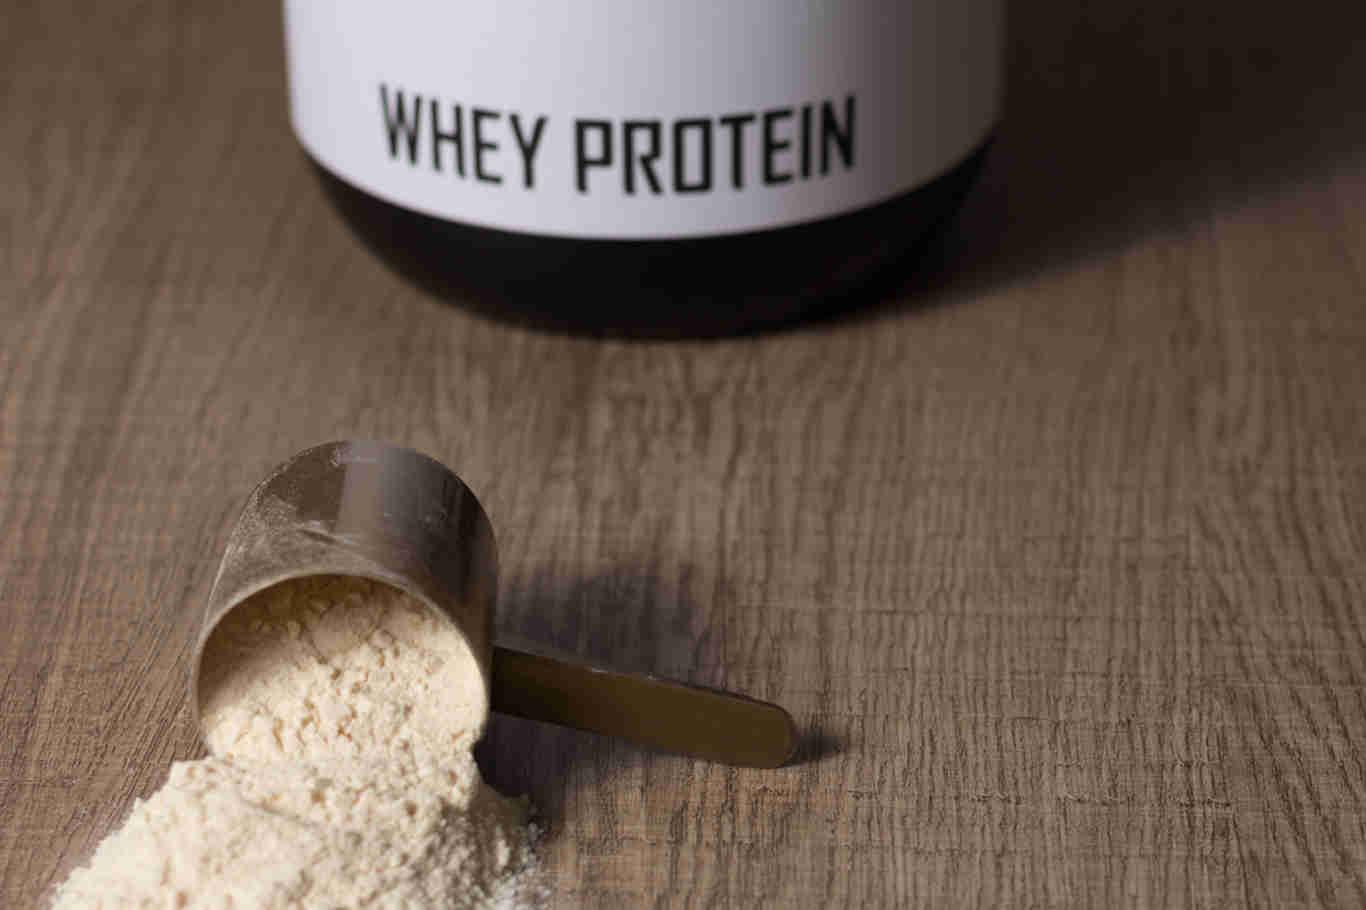 ما هو الواي بروتين